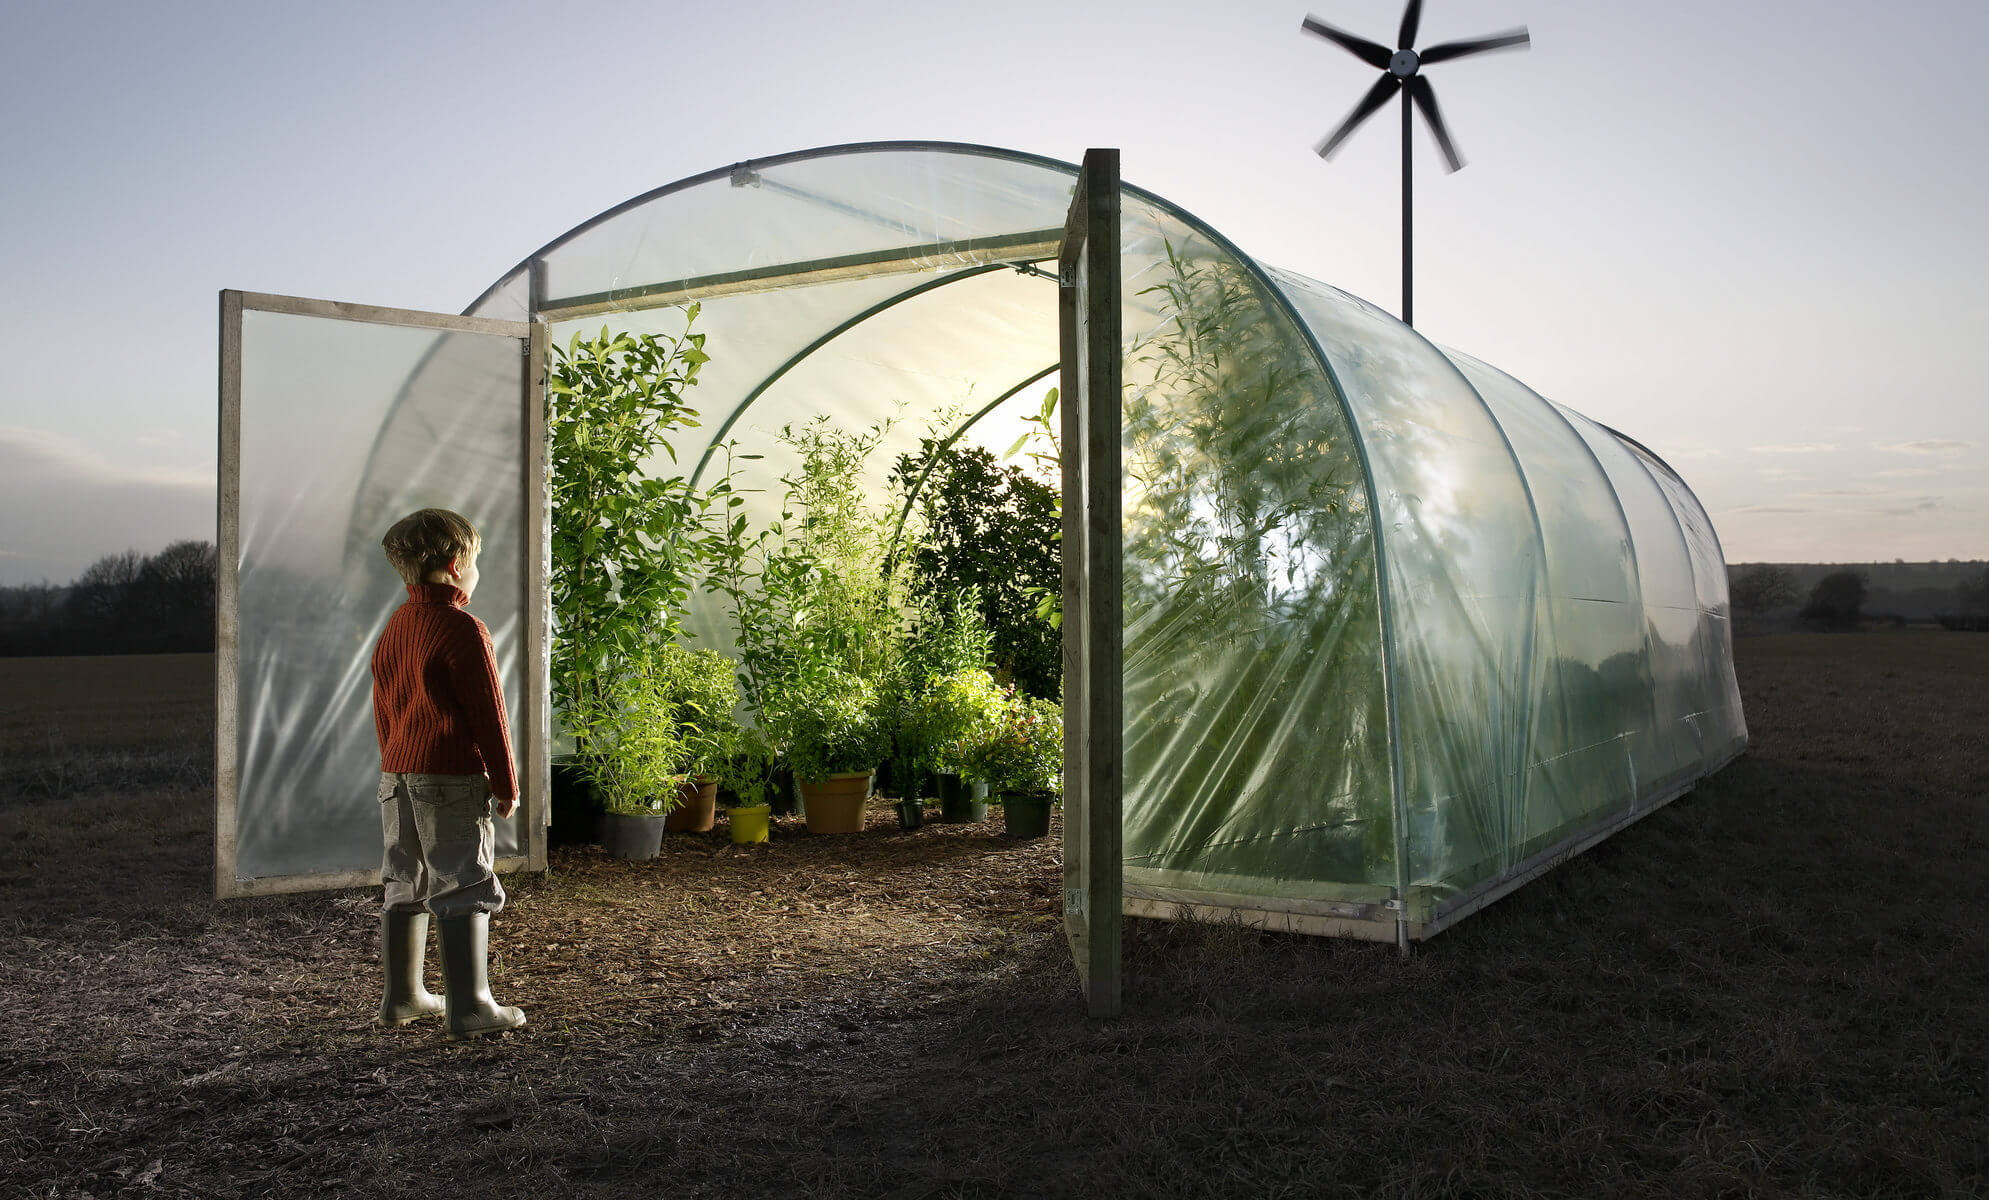 Comment Choisir Votre Bâche De Serre ? - Le Blog De Jardinet.fr concernant Bache Pour Serre De Jardin